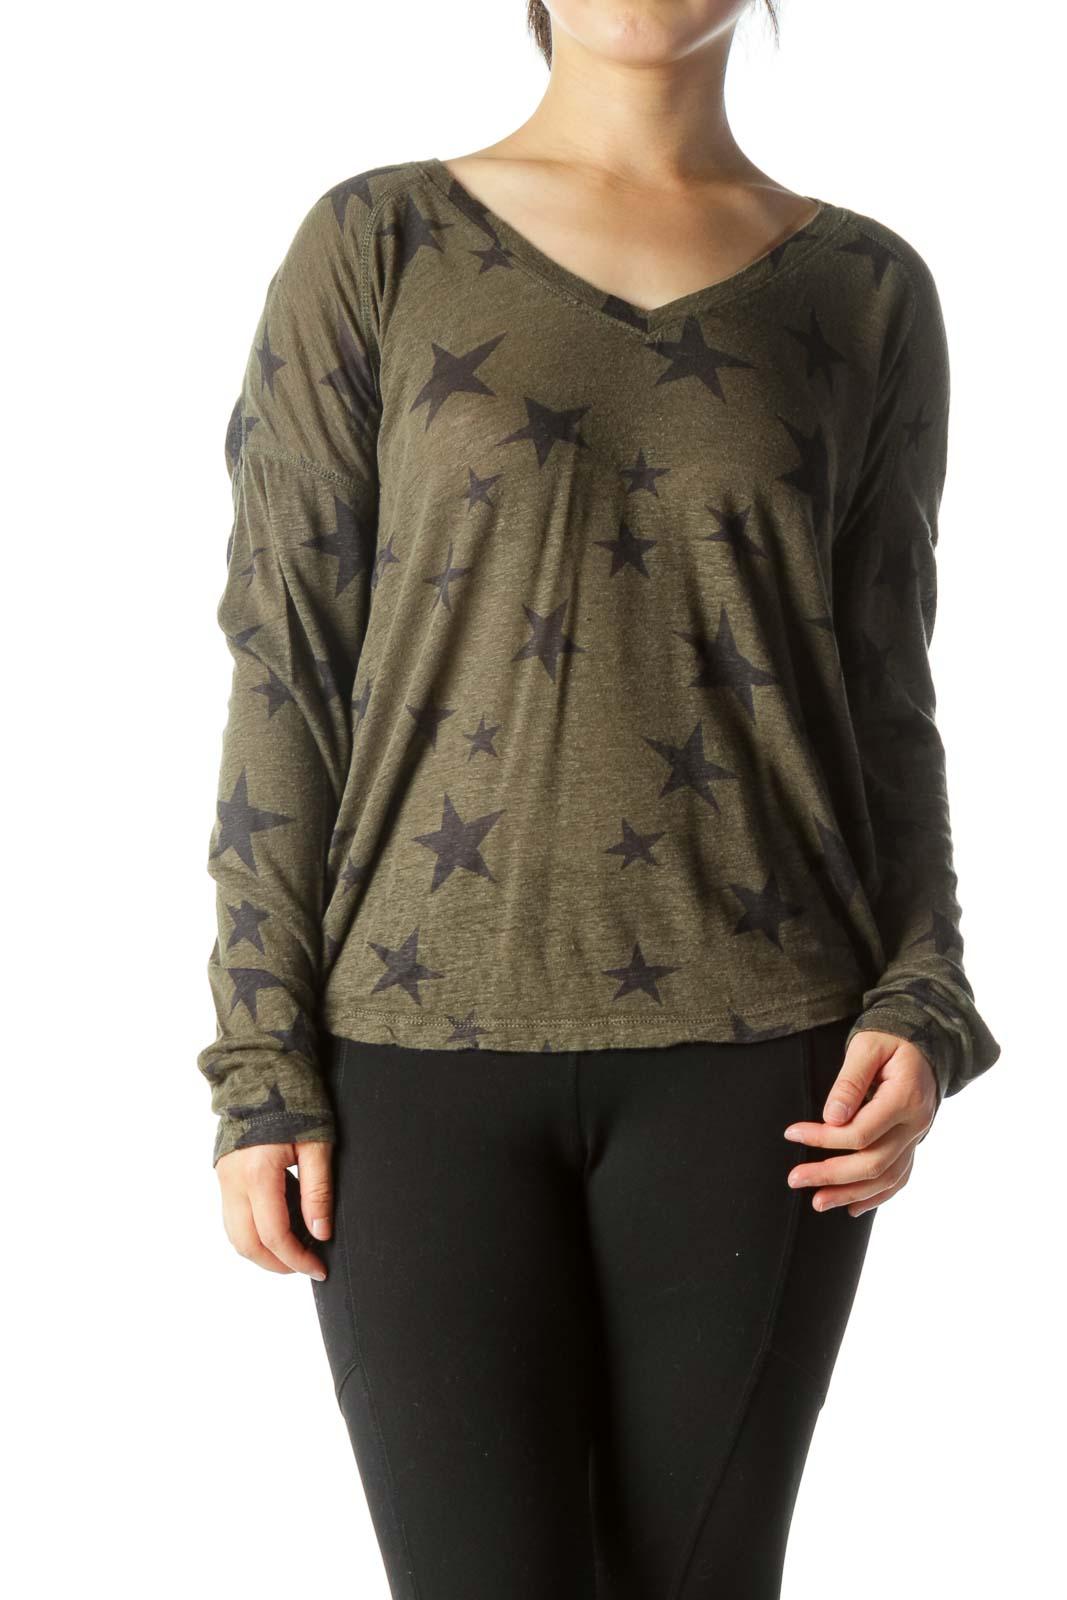 Olive Green Black V-Neck Star-Print Long Sleeve Top Front